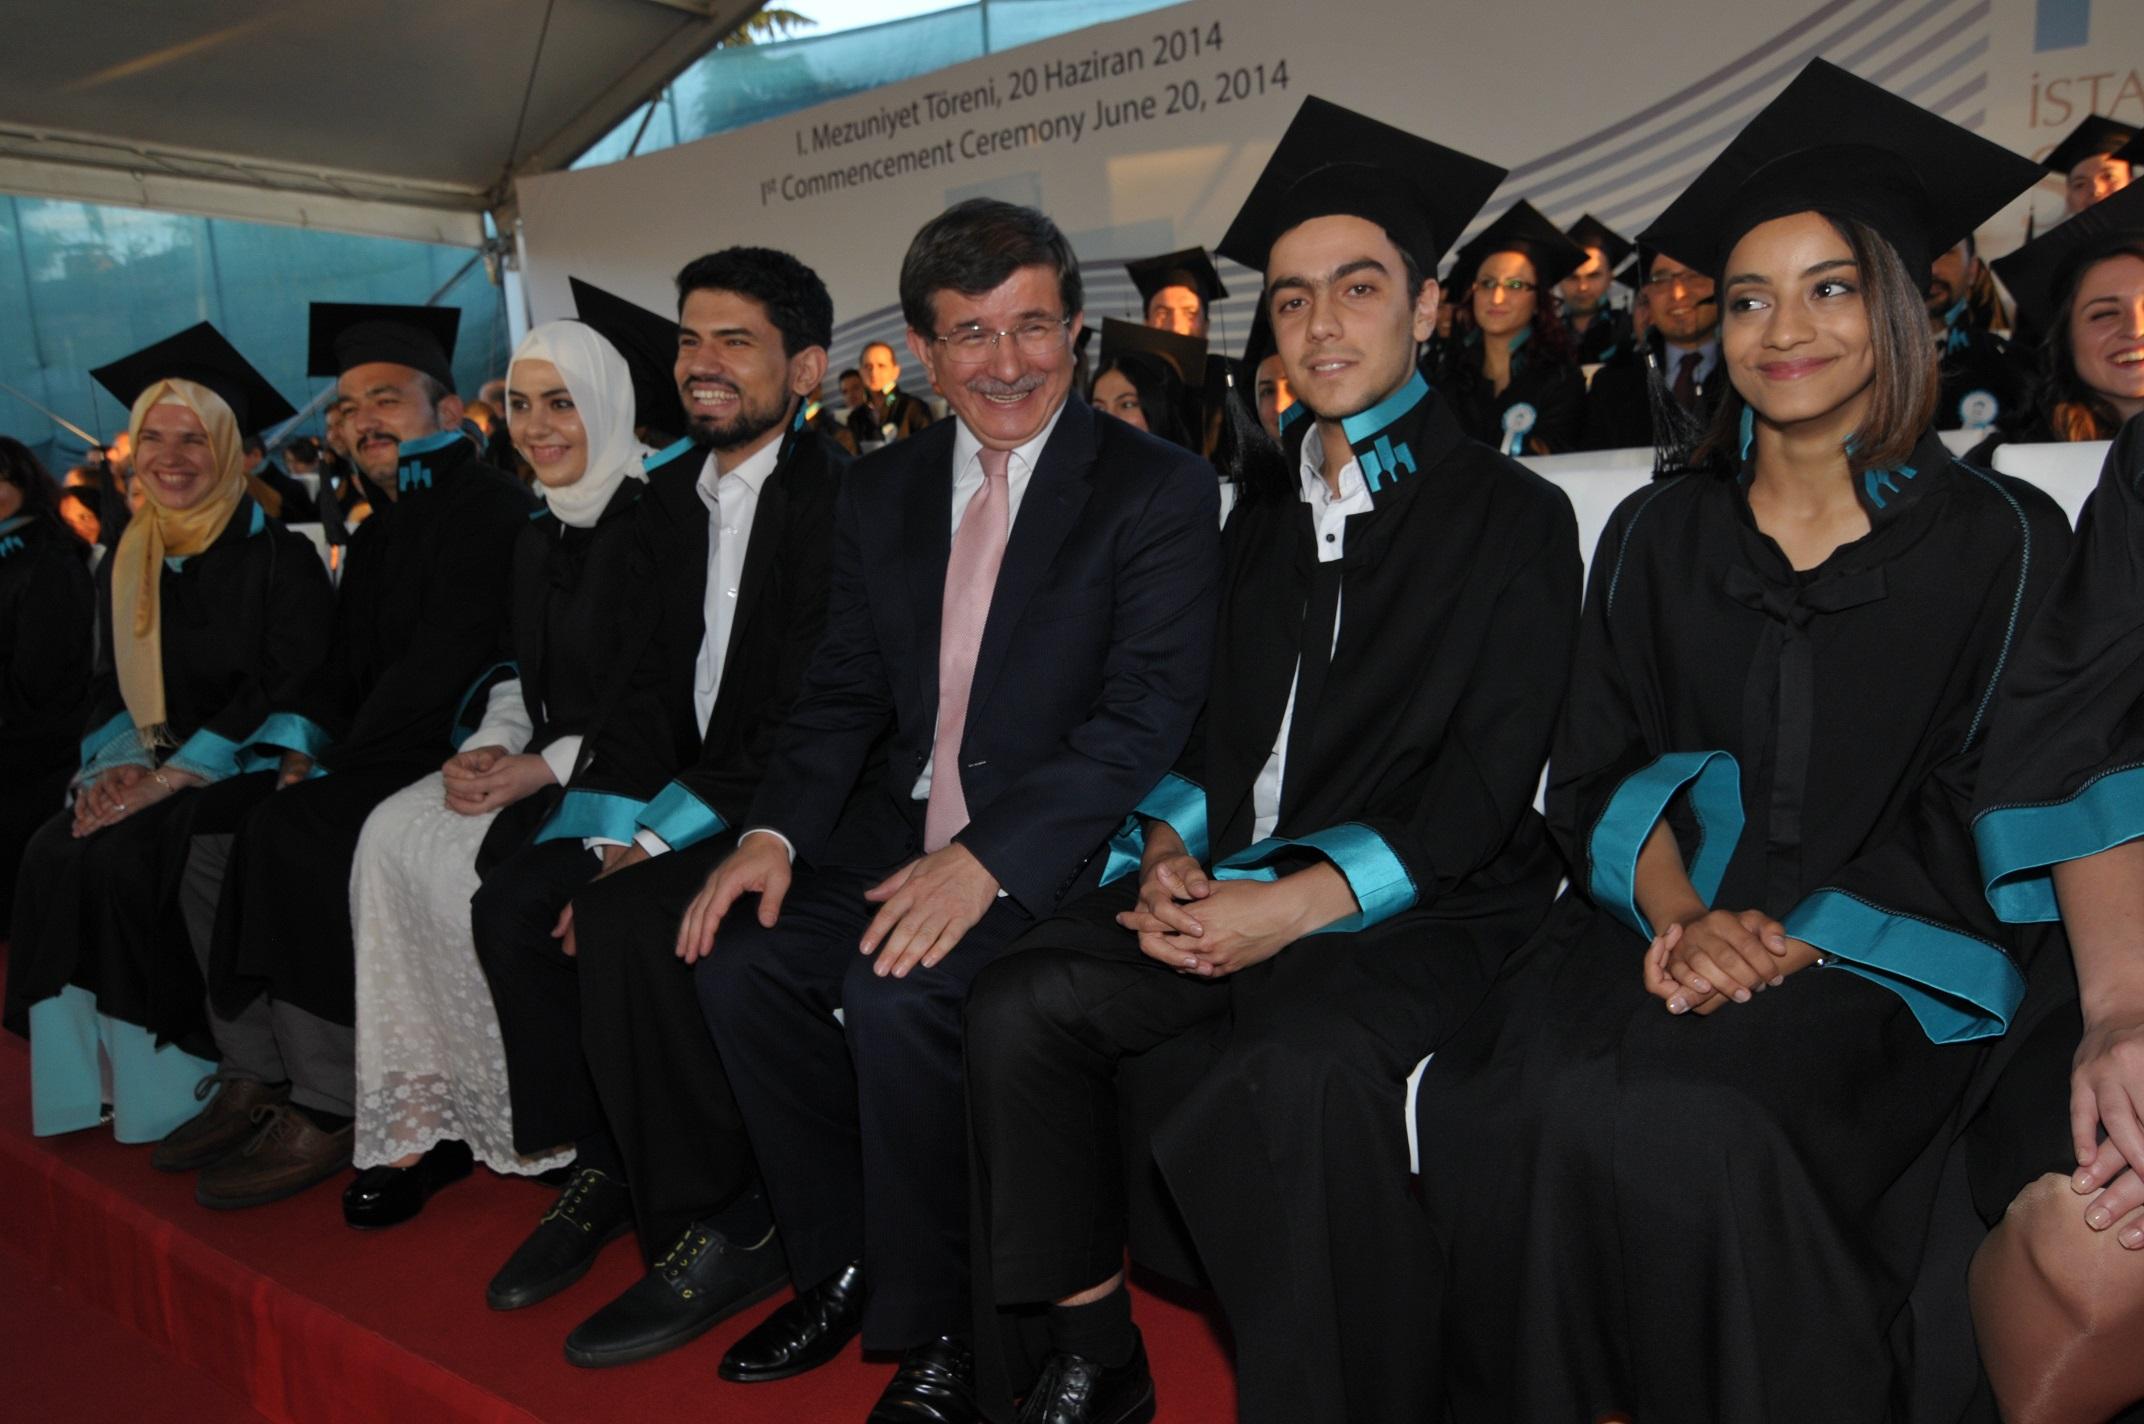 İstanbul Şehir Üniversitesi ilk mezunlarını verdi